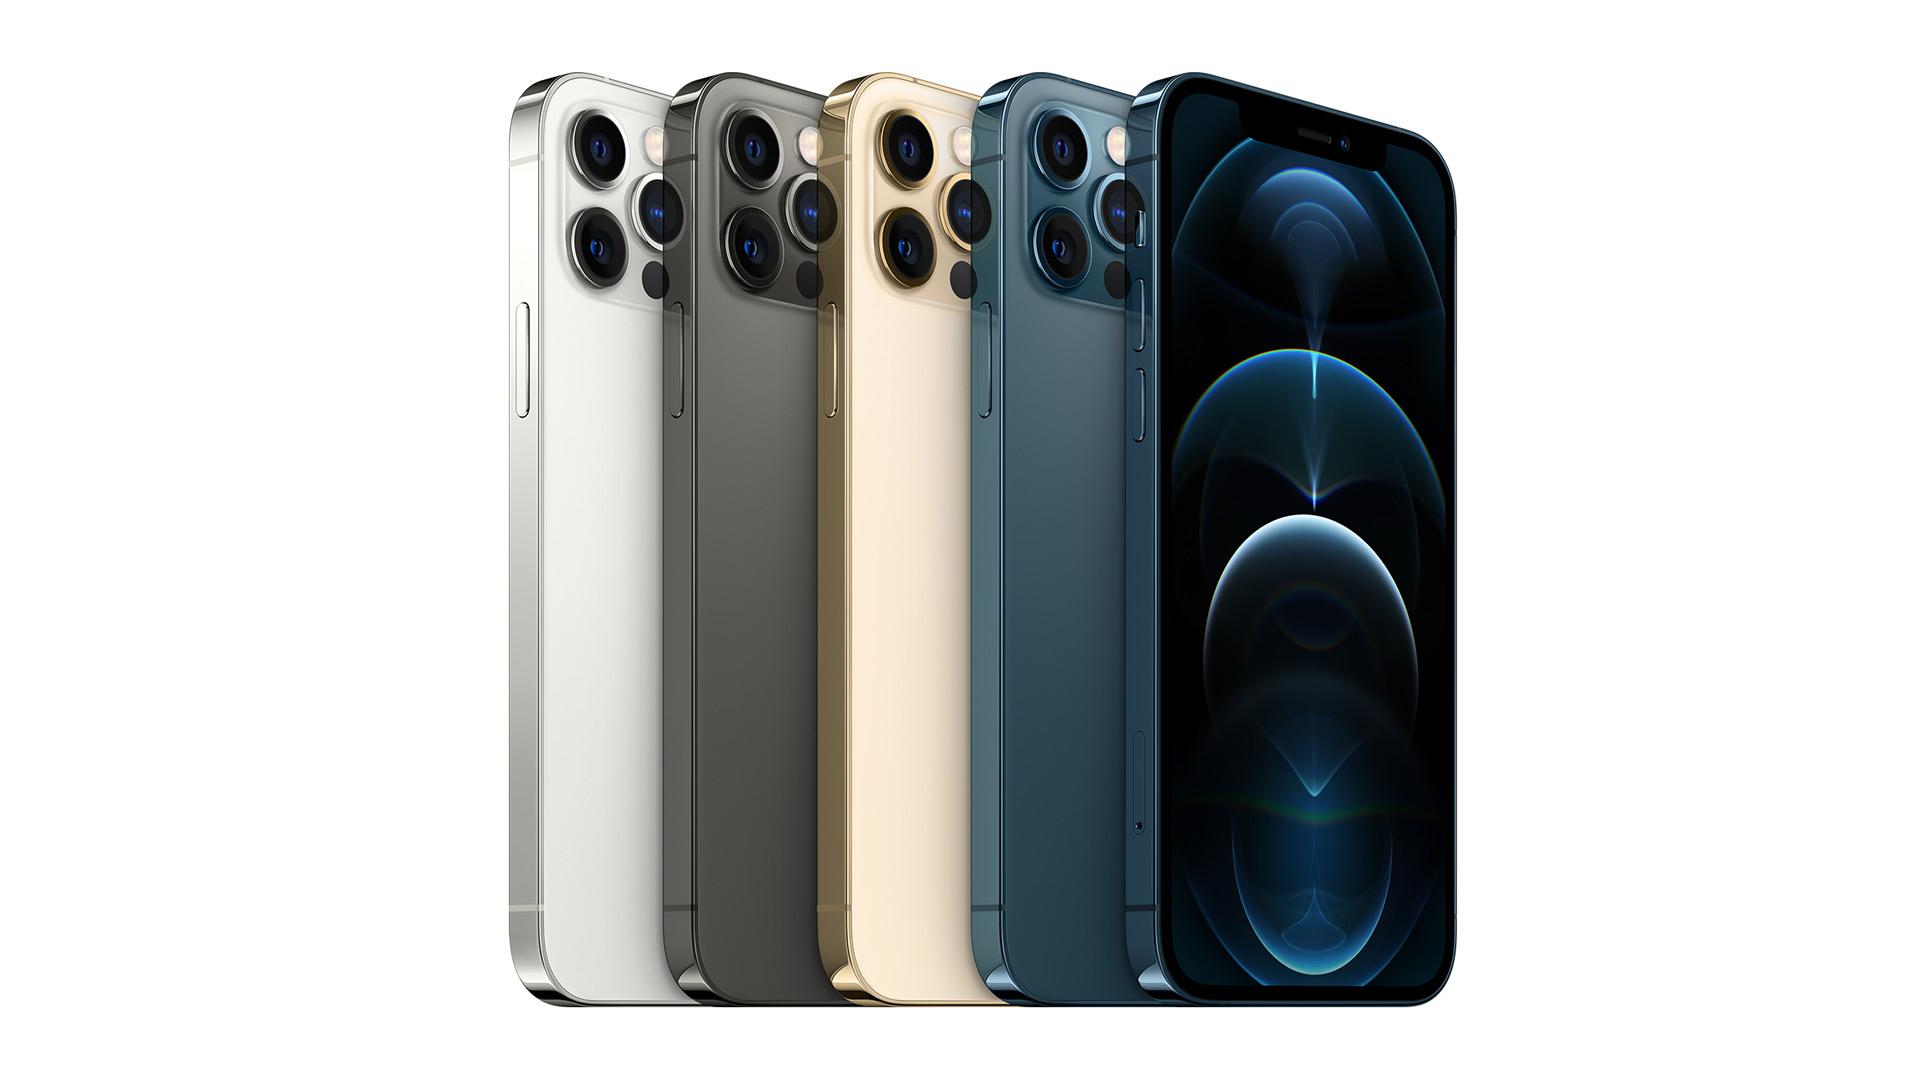 iPhone 12 Pro range